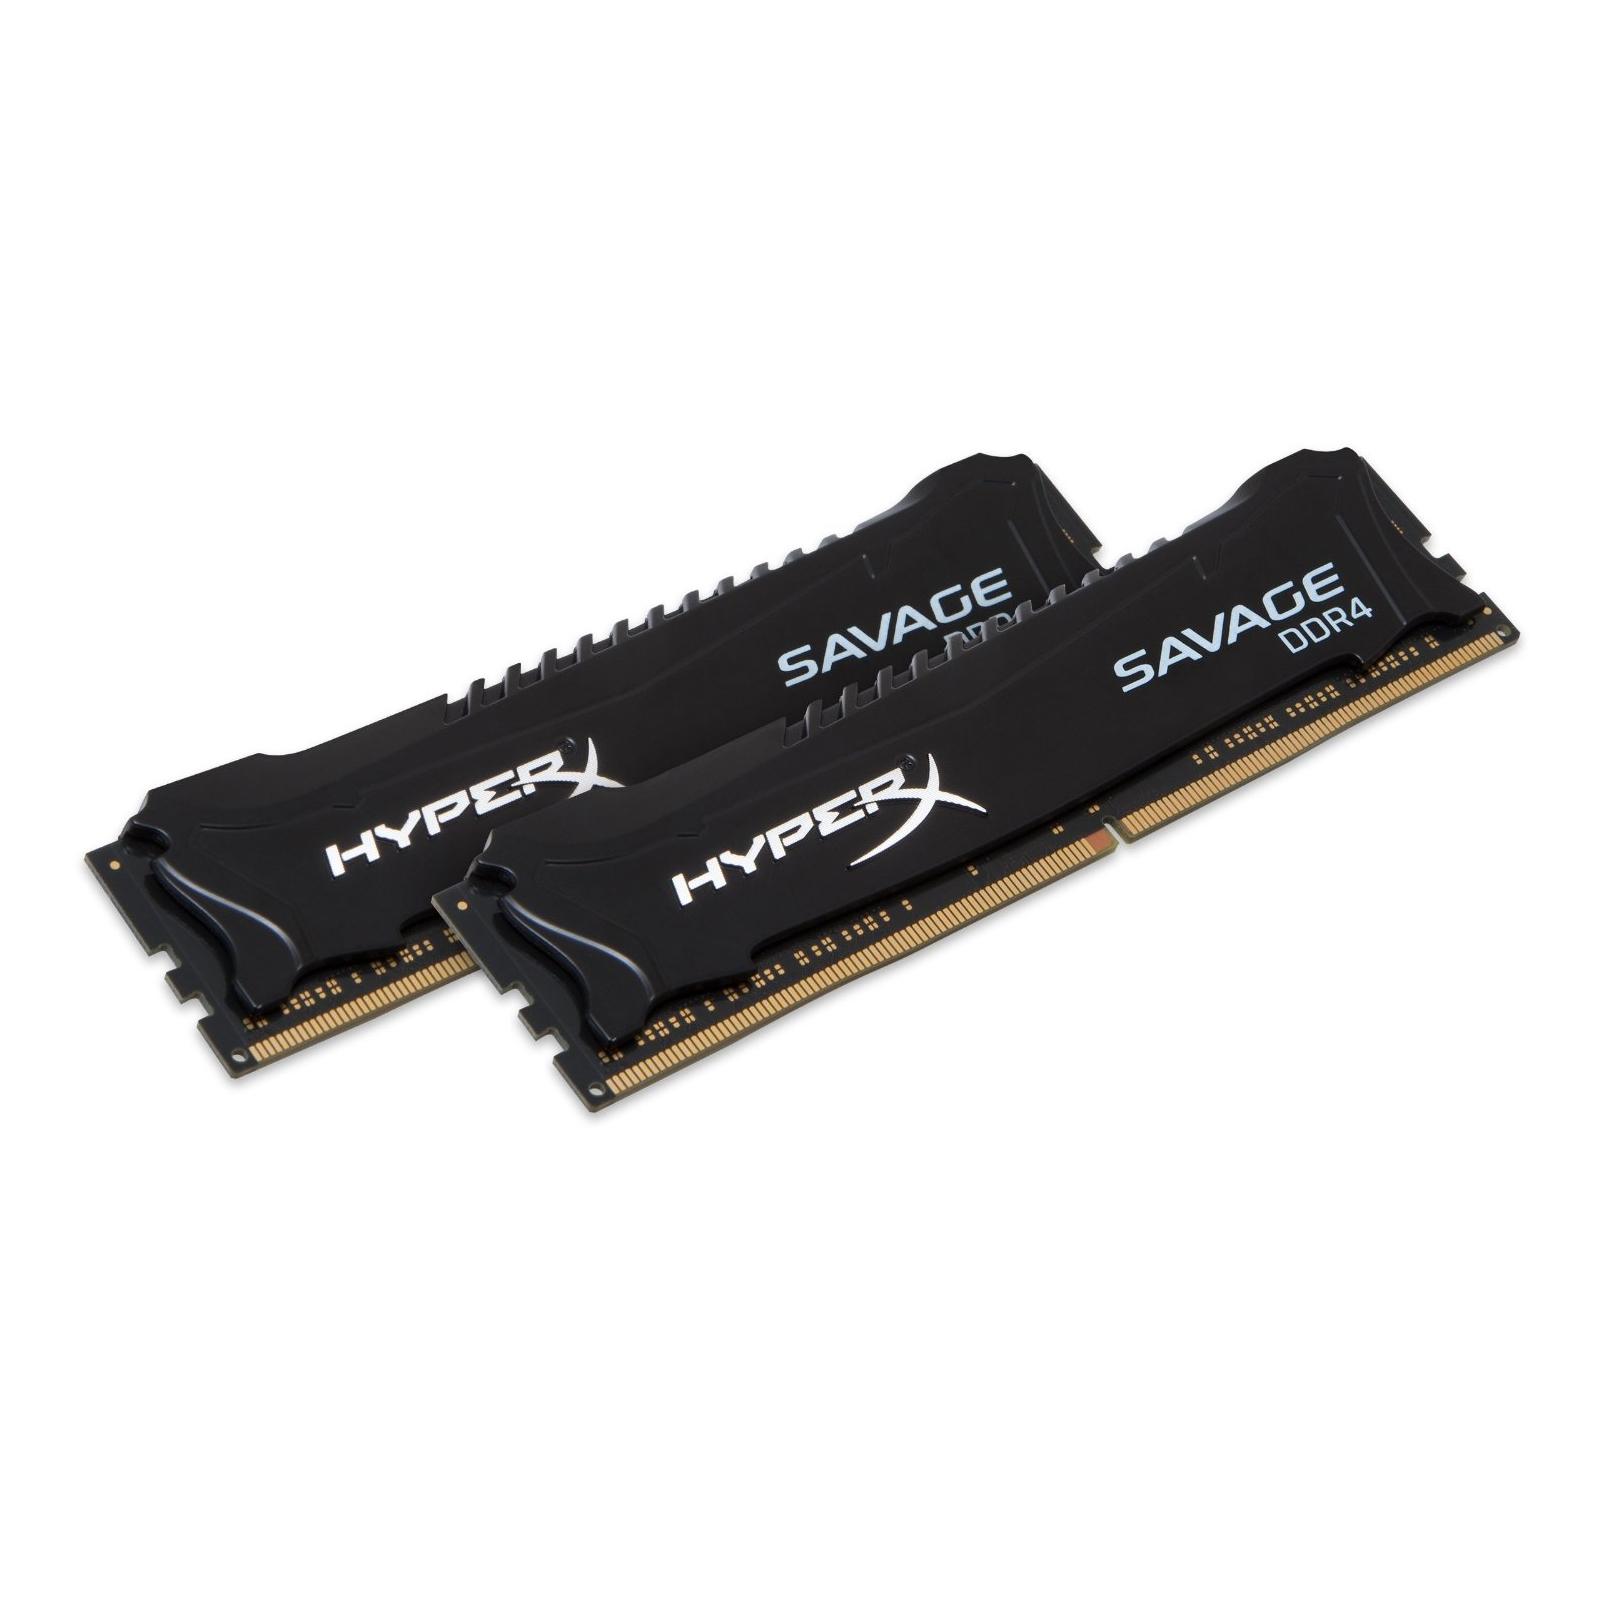 Модуль памяти для компьютера DDR4 8GB (2x4GB) 3000 MHz Savage Blak Kingston (HX430C15SB2K2/8) изображение 2